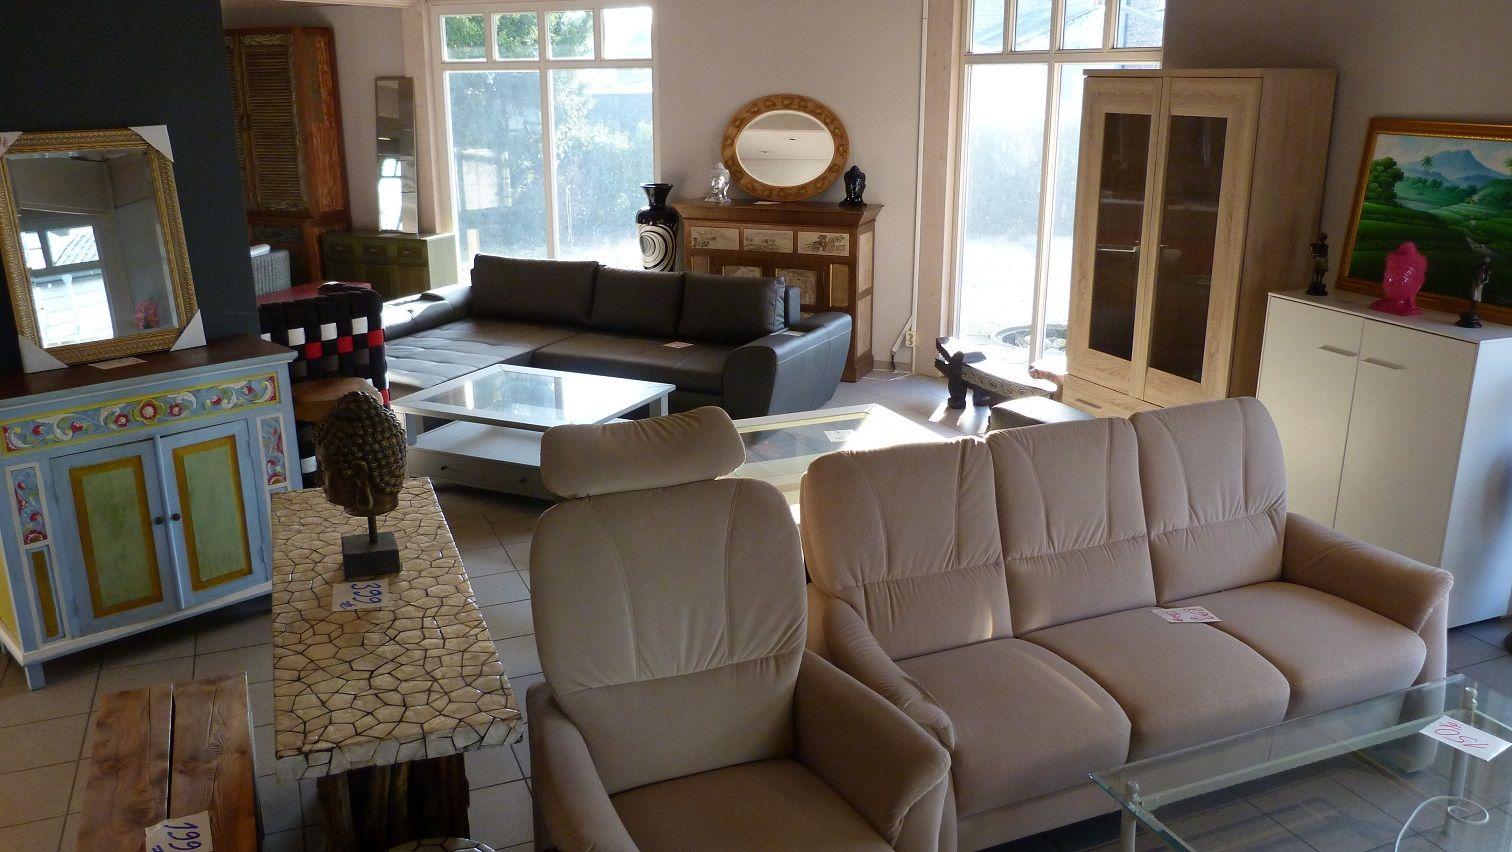 Versandhäuser Möbel möbel immer ab 50 reduziert restposten versandhäusern in 50181